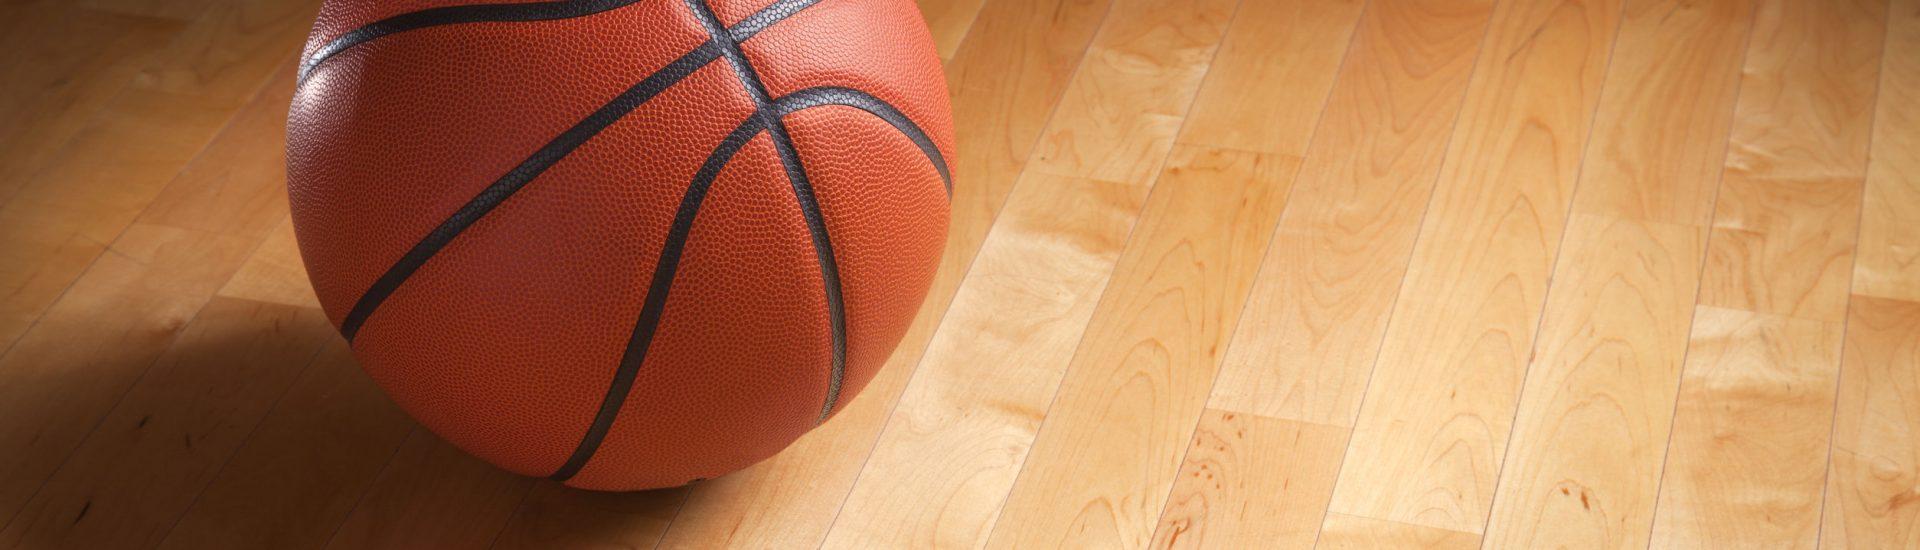 basket sponsor